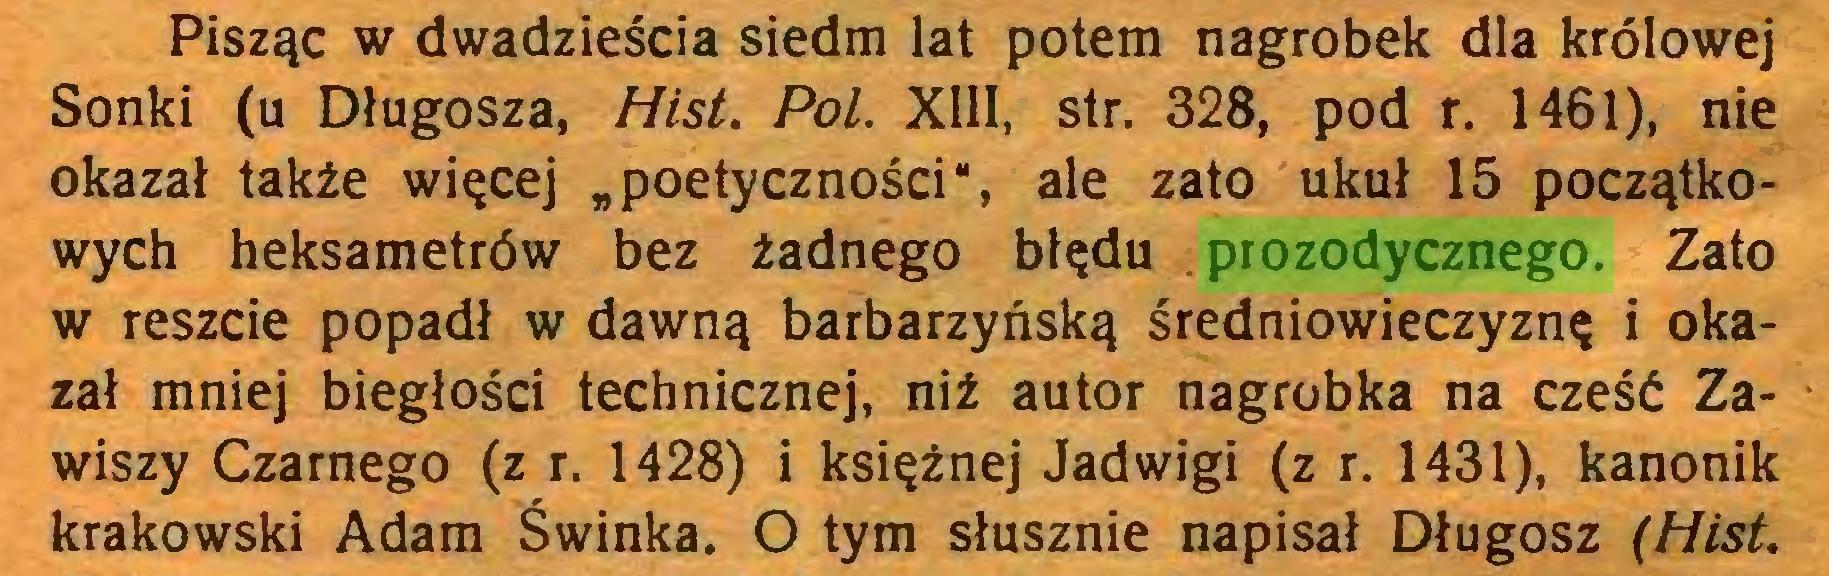 """(...) Pisząc w dwadzieścia siedm lat potem nagrobek dla królowej Sonki (u Długosza, Hist. Pol. XIII, str. 328, pod r. 1461), nie okazał także więcej """"poetyczności"""", ale zato ukuł 15 początkowych heksametrów bez żadnego błędu prozodycznego. Zato w reszcie popadł w dawną barbarzyńską średniowieczyznę i okazał mniej biegłości technicznej, niż autor nagrobka na cześć Zawiszy Czarnego (z r. 1428) i księżnej Jadwigi (z r. 1431), kanonik krakowski Adam Świnka. O tym słusznie napisał Długosz (Hist..."""